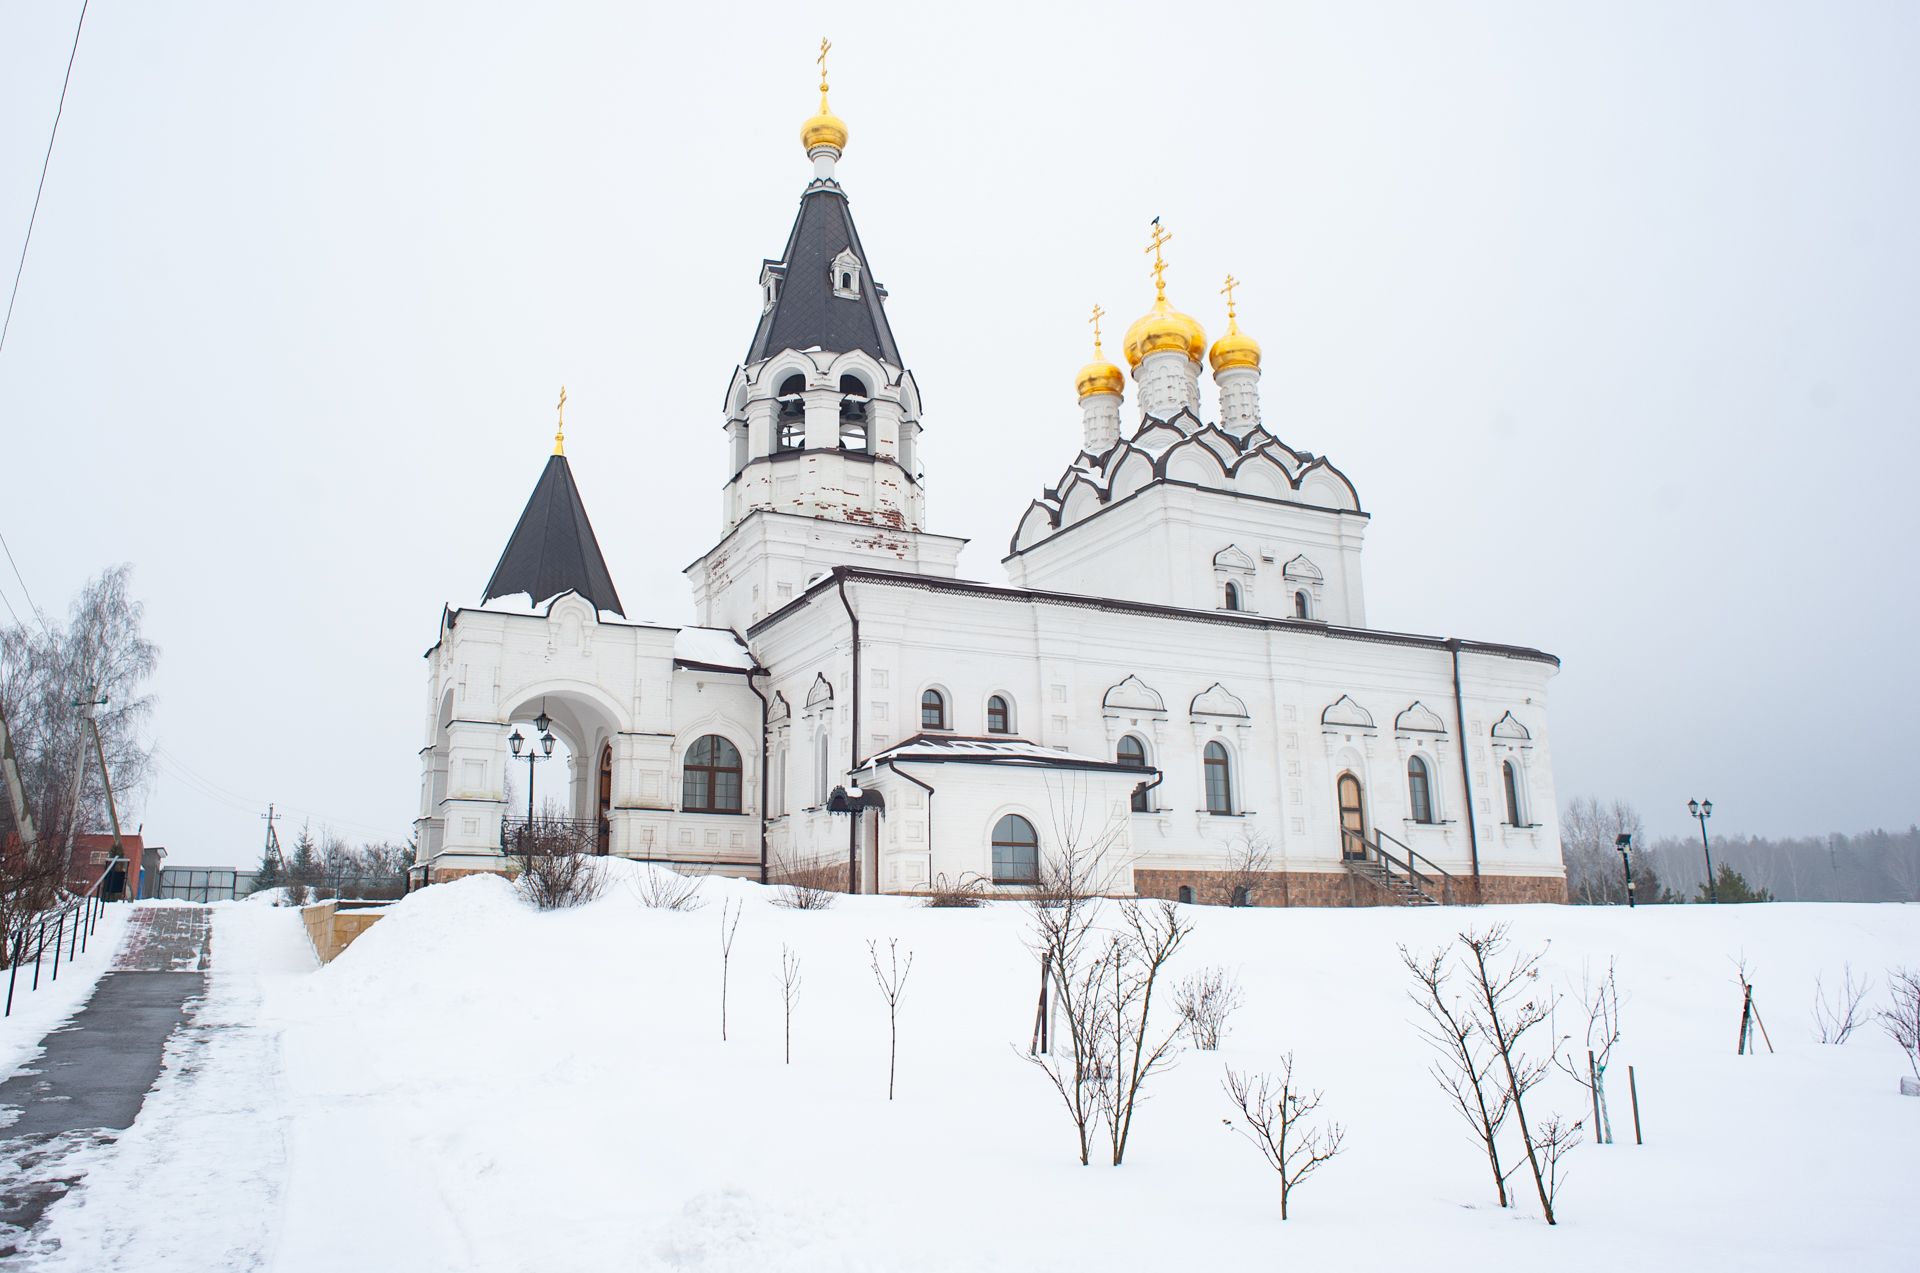 Талицы, Храм Рождества Пресвятой Богородицы